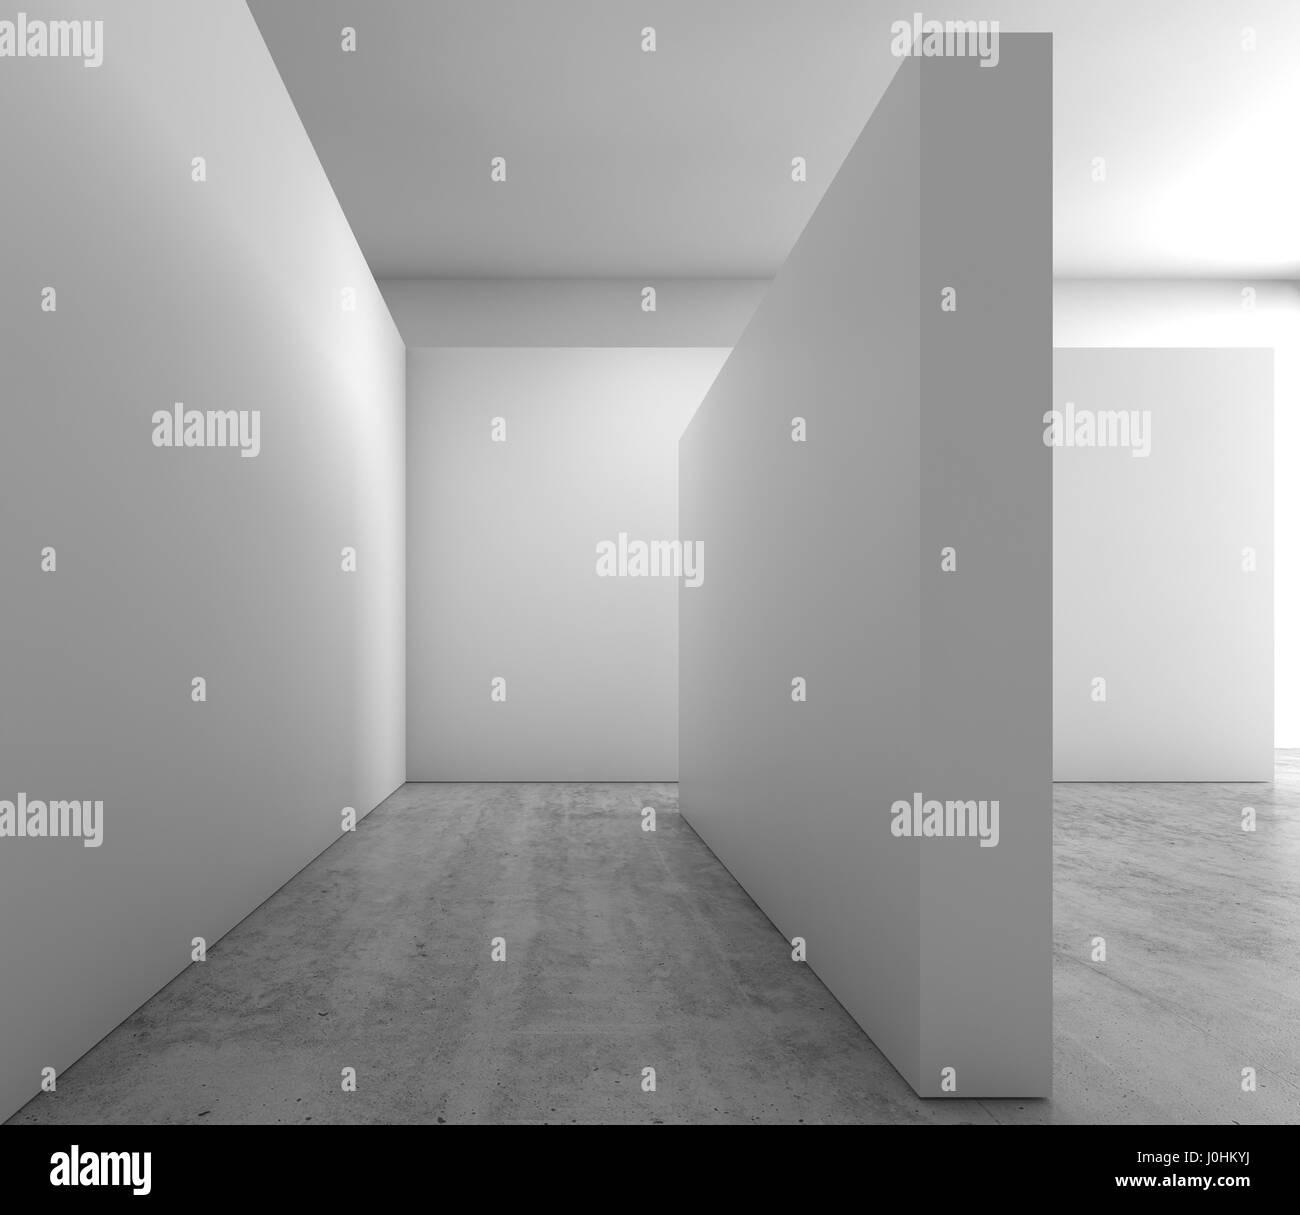 Abstrakte leeren Innenraum Hintergrund, leere weiße Wände ...